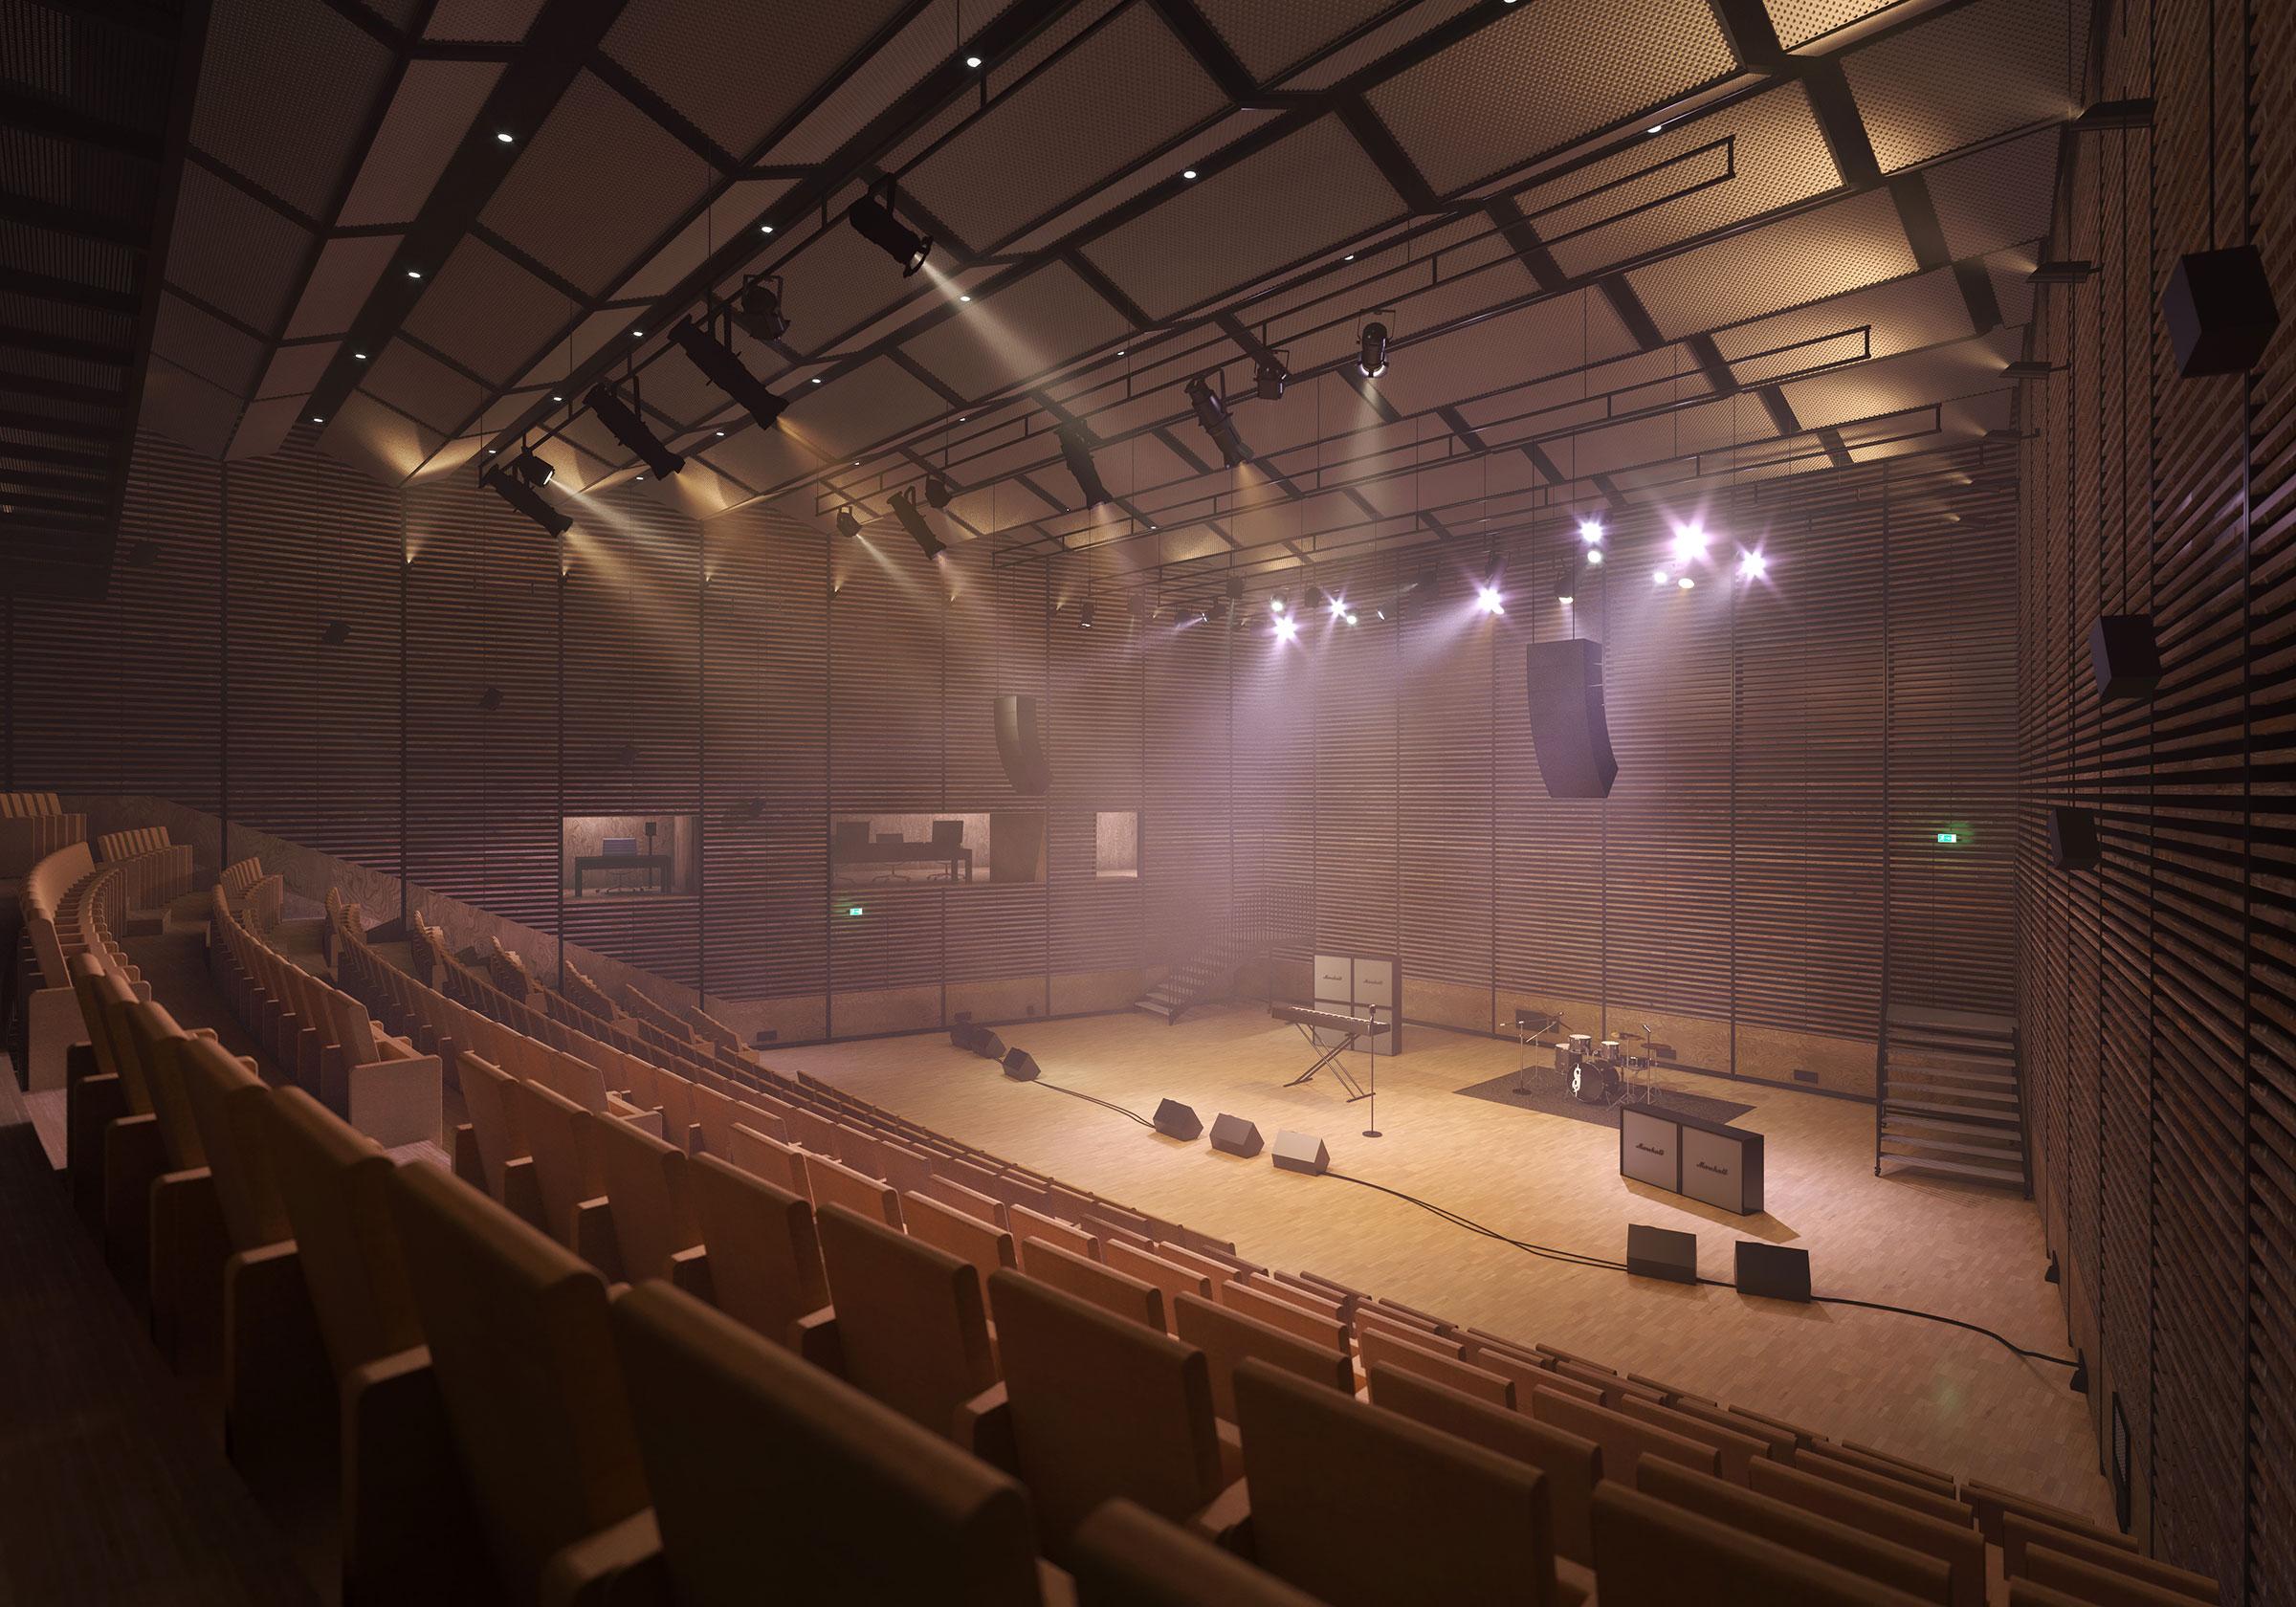 Perspective du studio 105 réalisée par LEMON SARL sur la base de l'avant-projet. <br />Consacré prioritairement à la captation et à la diffusion de concerts de variétés, le studio 105 pourra accueillir un public de 240 personnes. Il bénéficiera d'équipements de projection qualité cinéma et une partie des gradins sera rétractable pour agrandir la scène.<br />© Atelier Zündel Cristea - Rahim Danto Barry / WSP / RADIO FRANCE